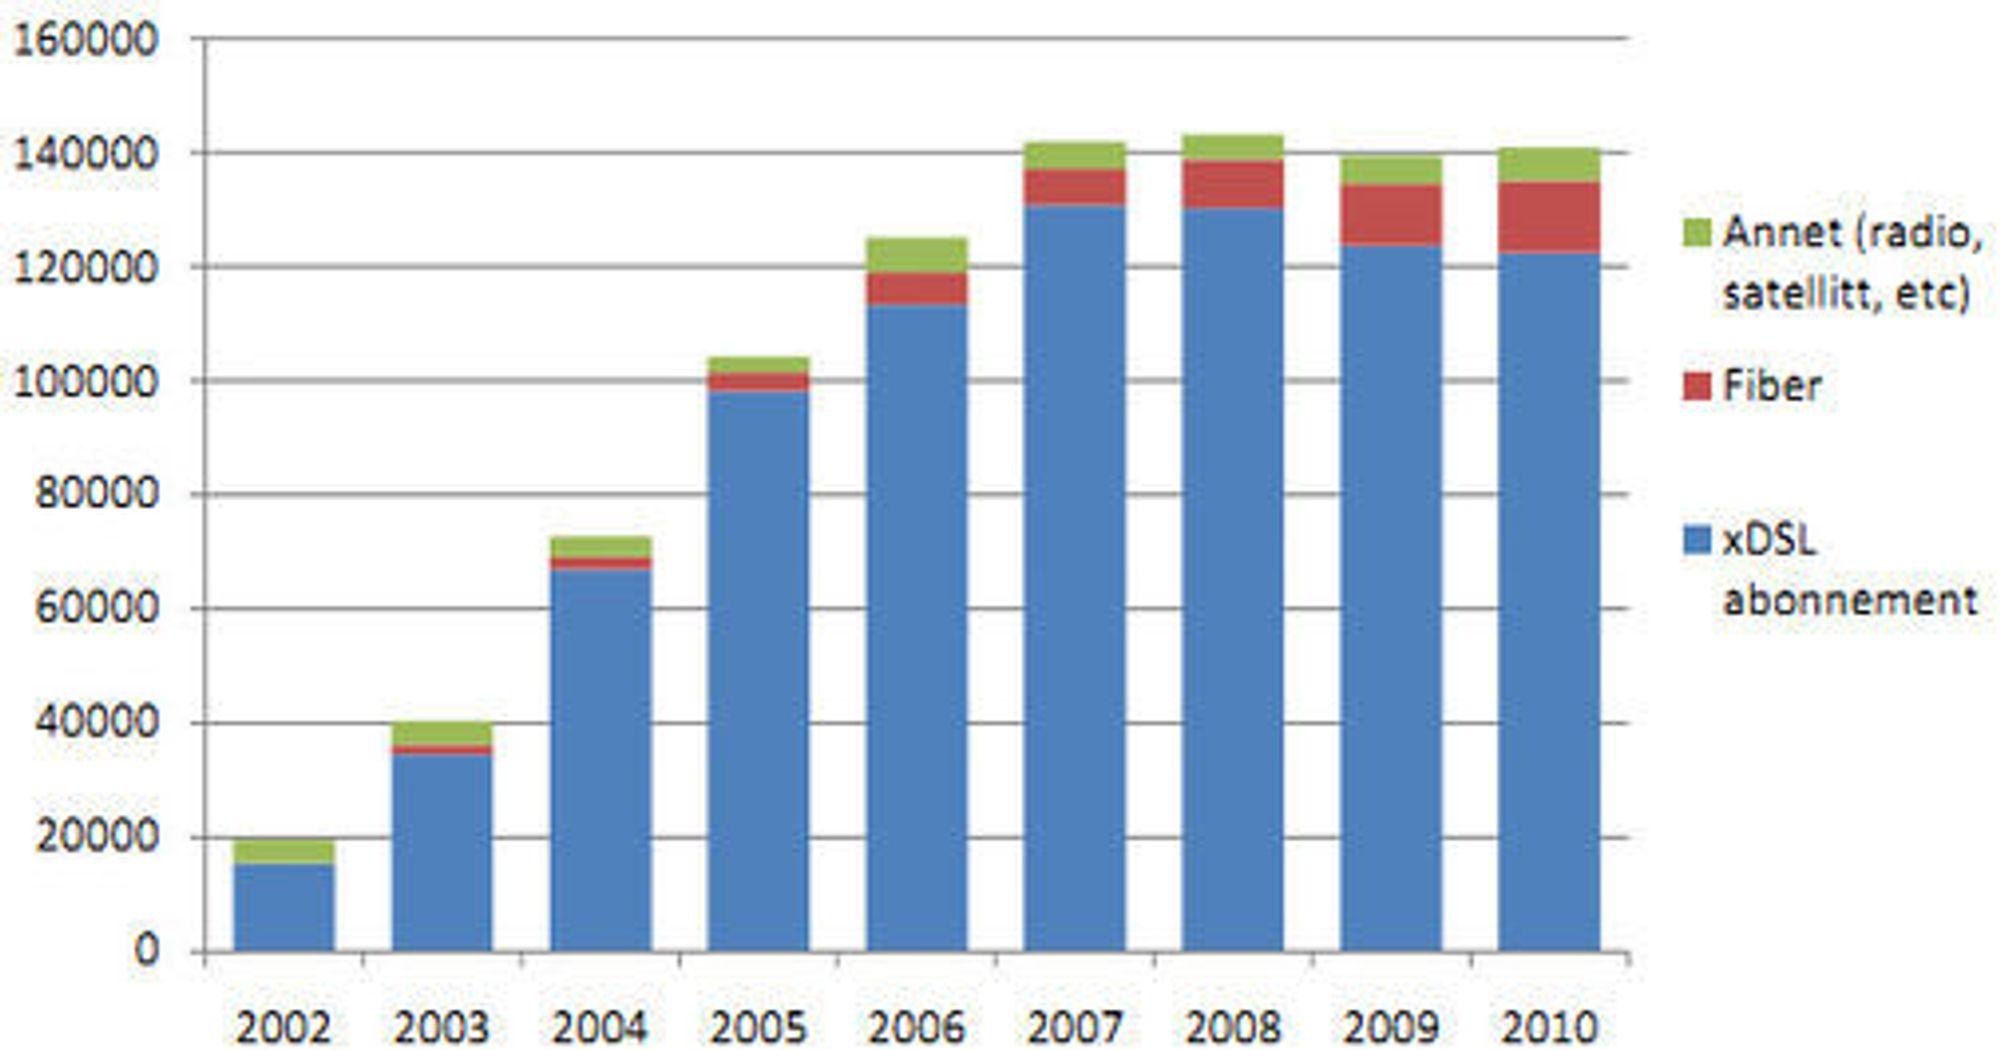 Bredbåndsabonnementer fordelt på teknologi i bedriftmarkedet mellom 2002 og 2010.